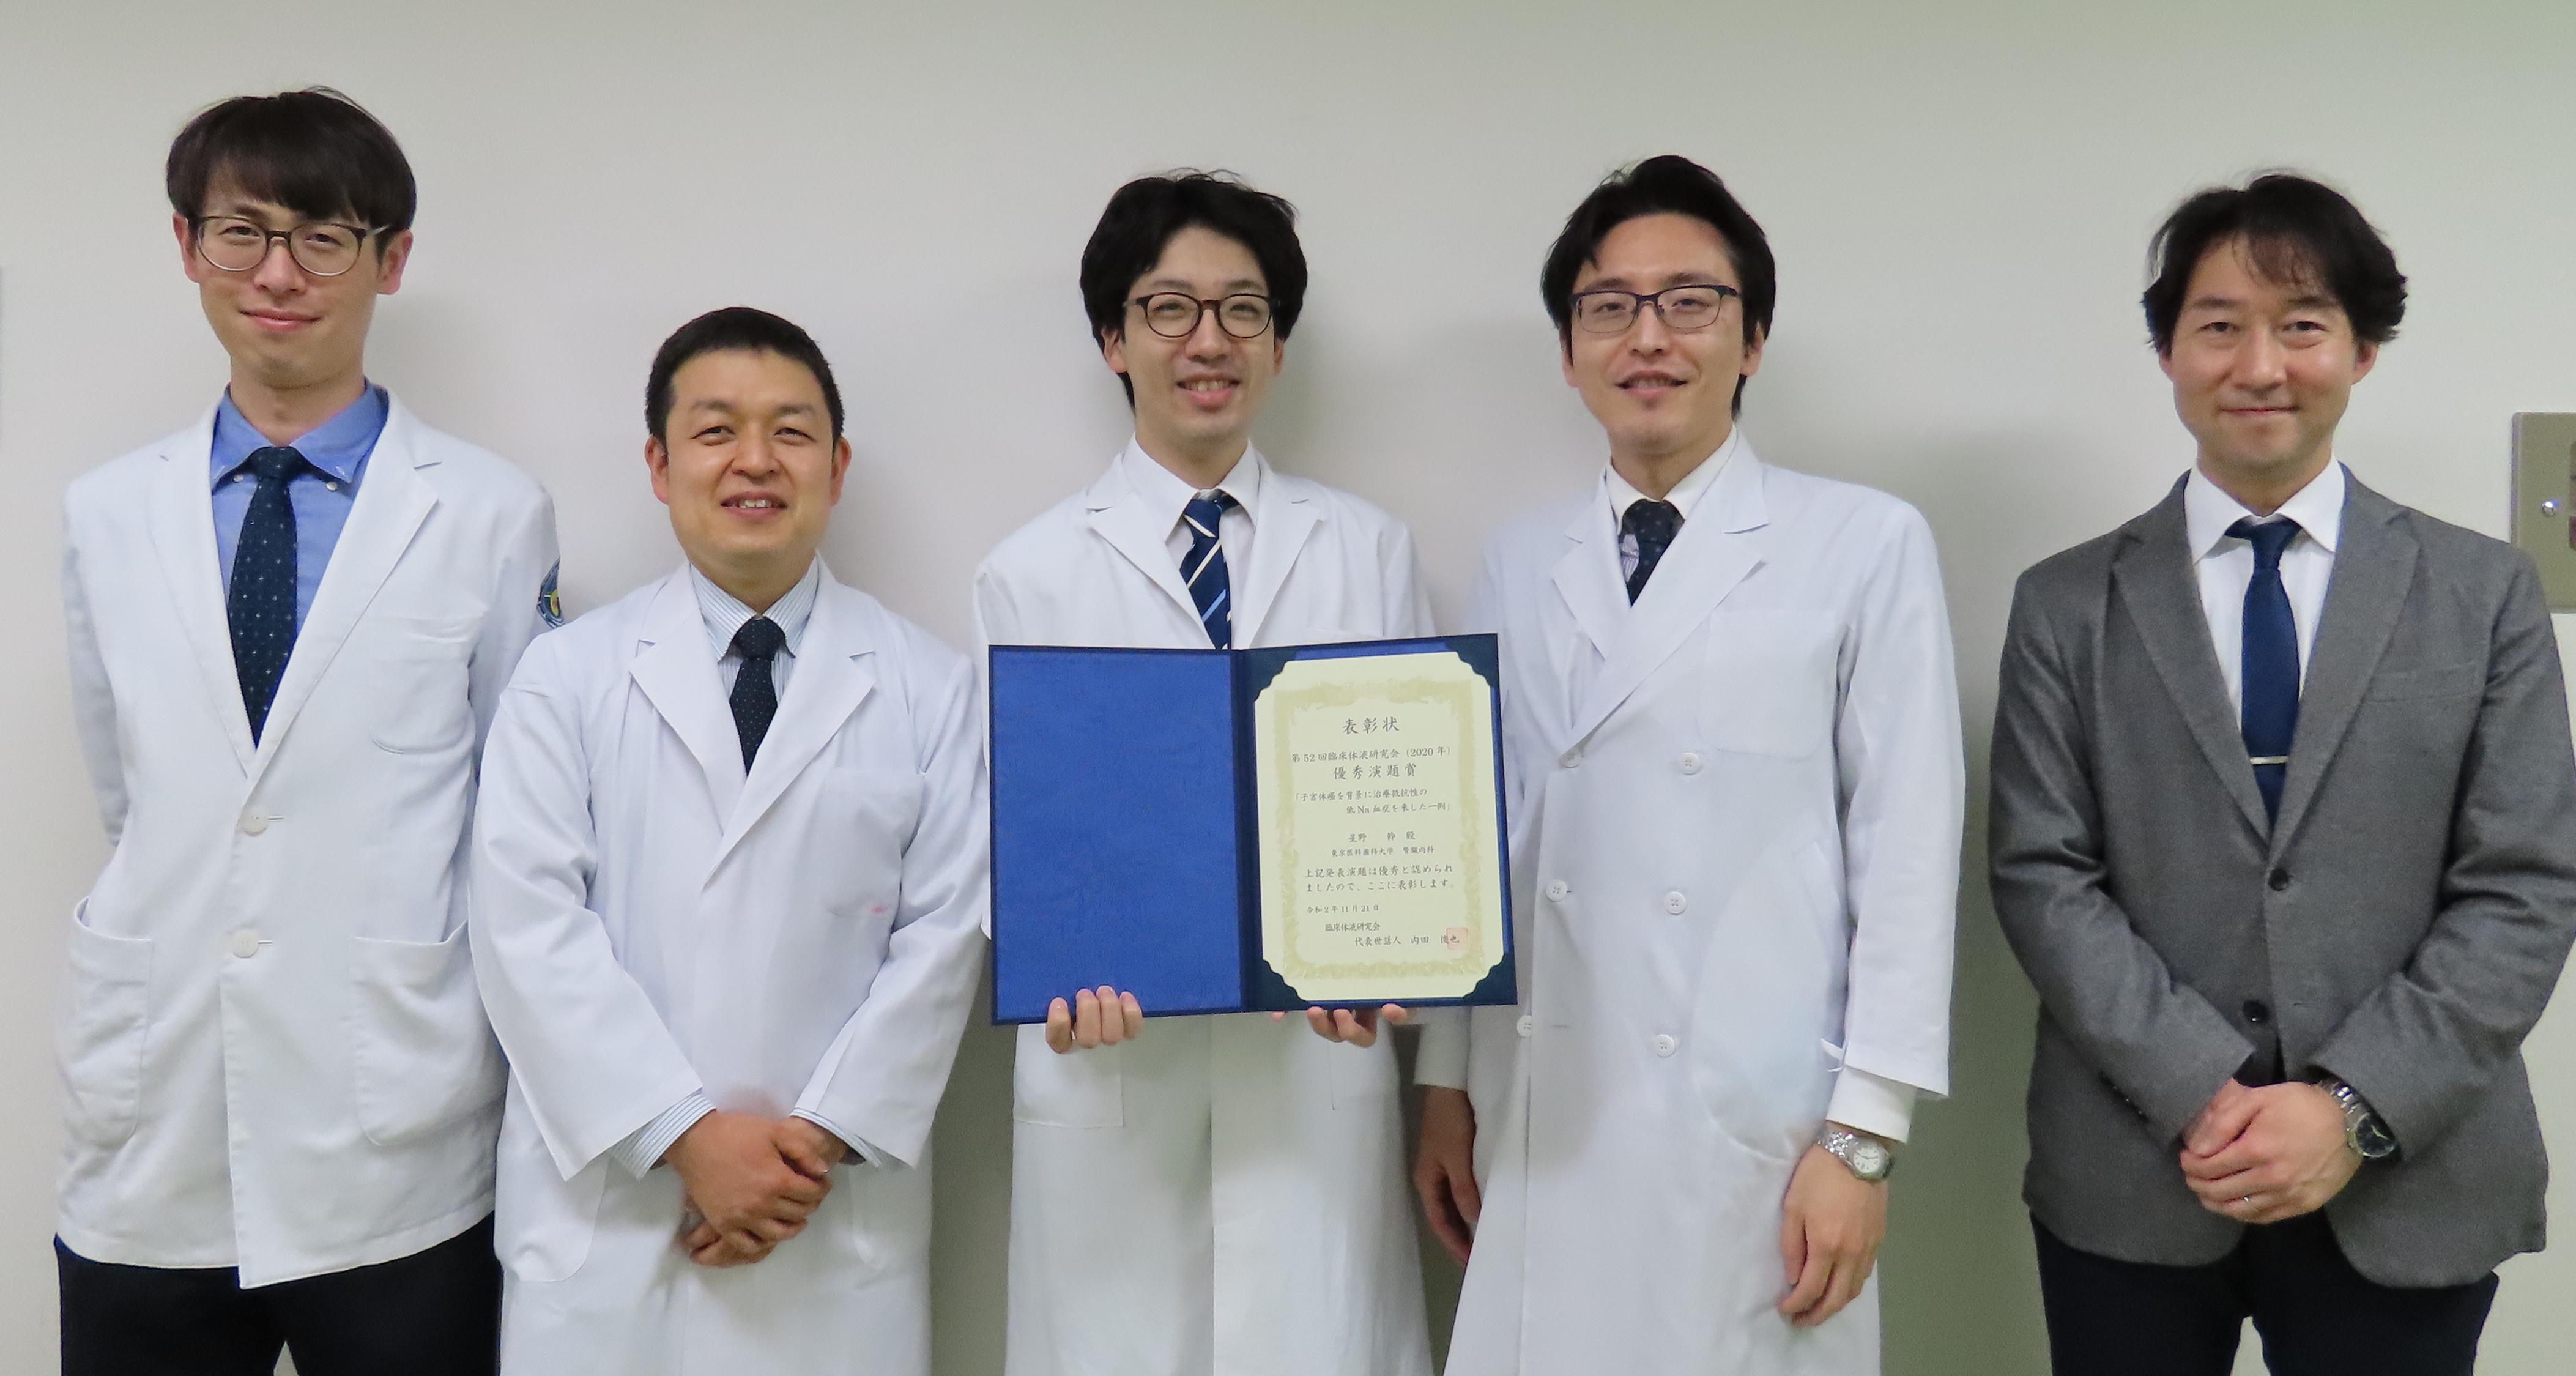 星野幹先生 第52回臨床体液研究会で優秀演題賞を受賞